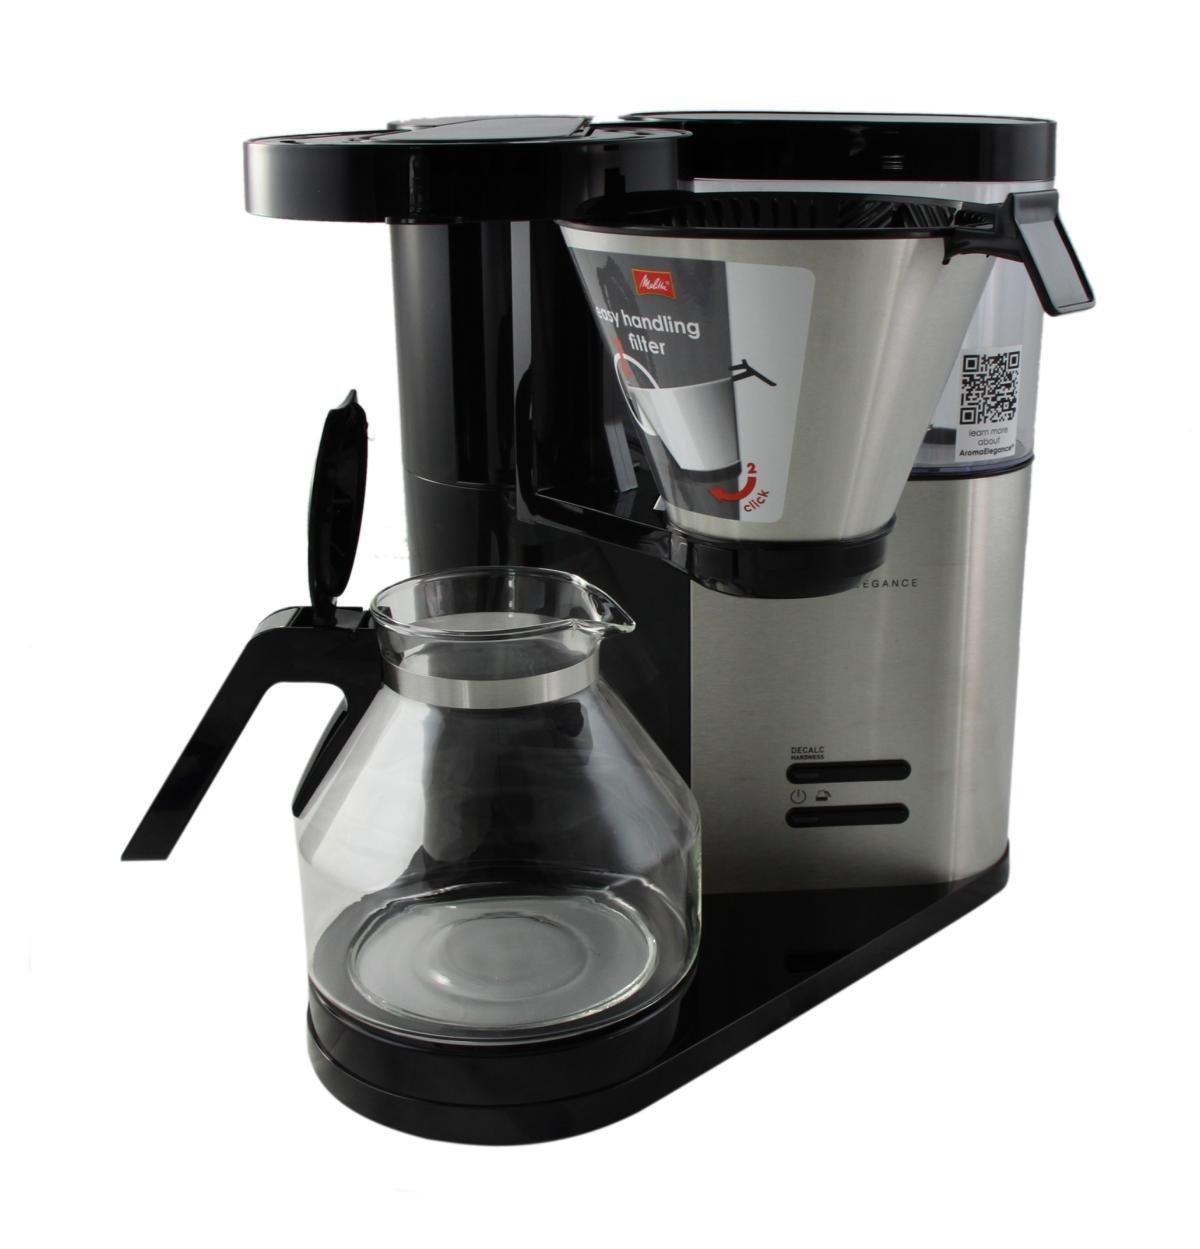 Melitta Cafetera de filtro con jarra de vidrio, Aroma Elegance, Negro/Acero inoxidable mate, 1012-01: Amazon.es: Hogar